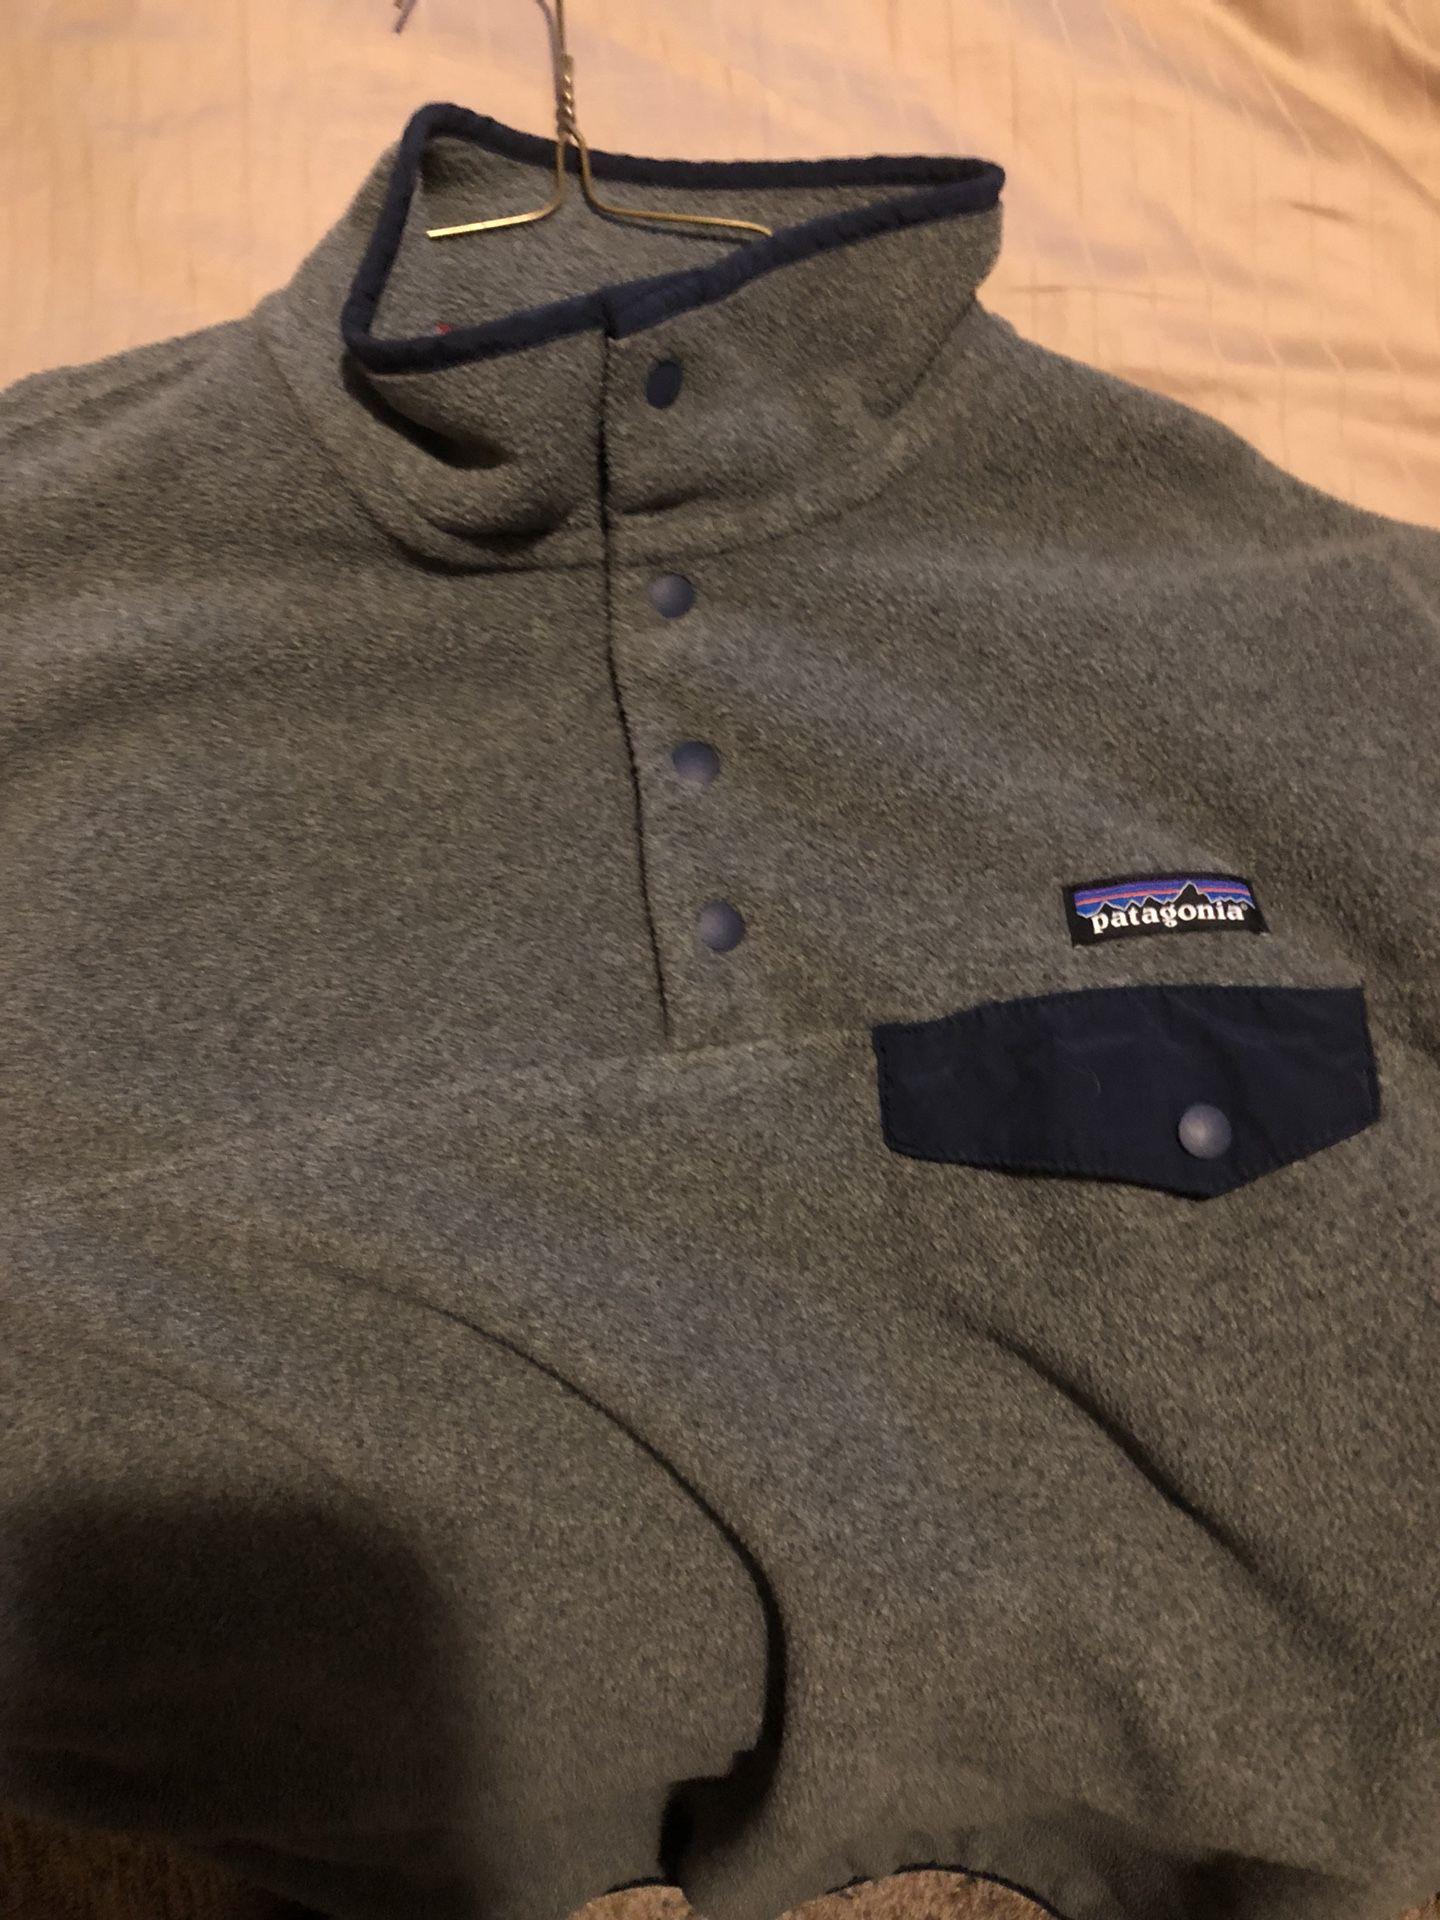 Patagonia XL Jacket